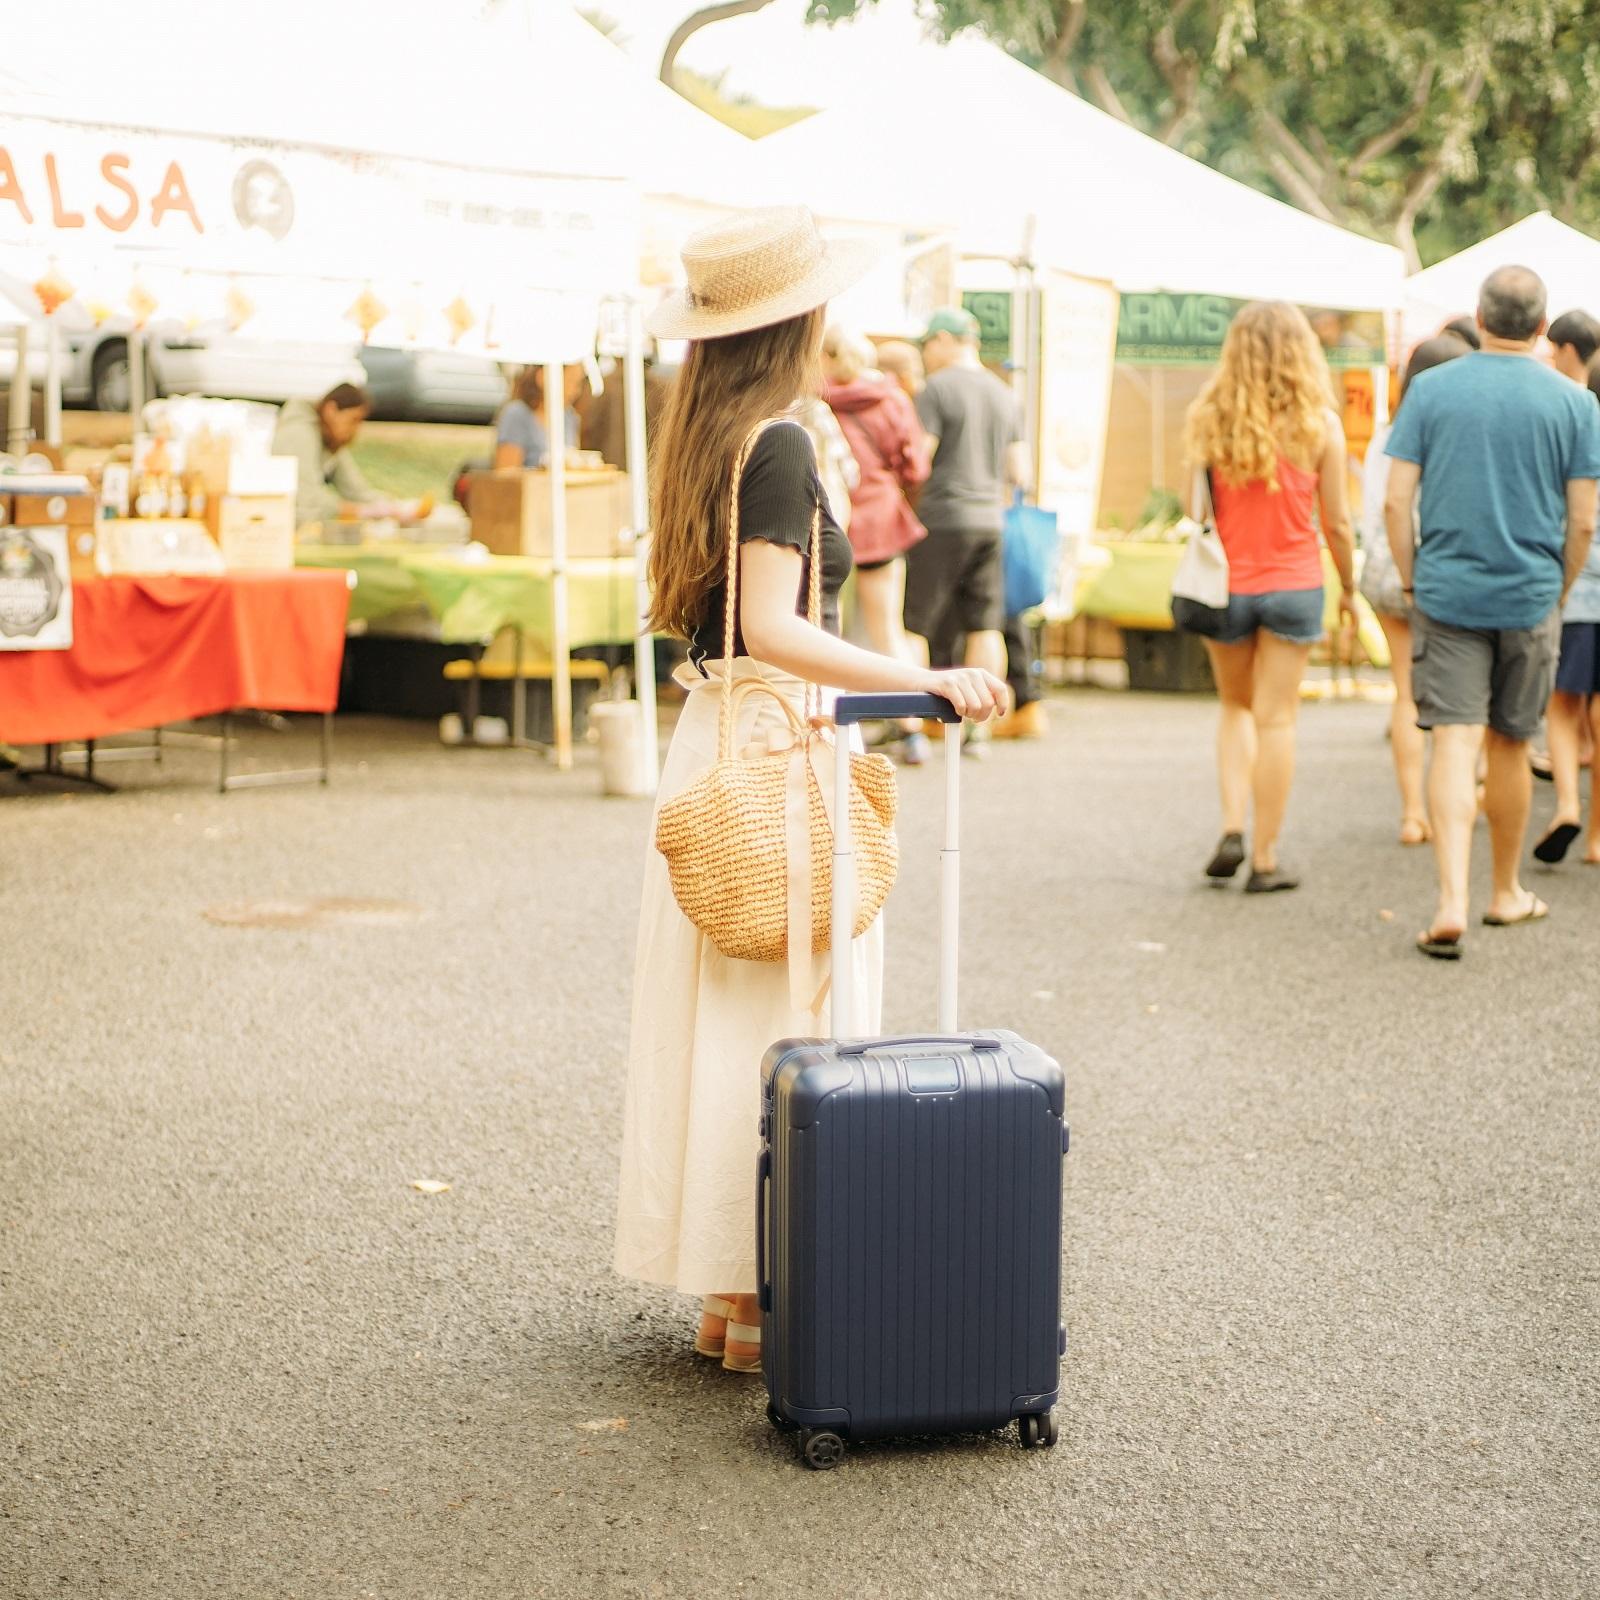 リモワ エッセンシャル ブルーのスーツケース